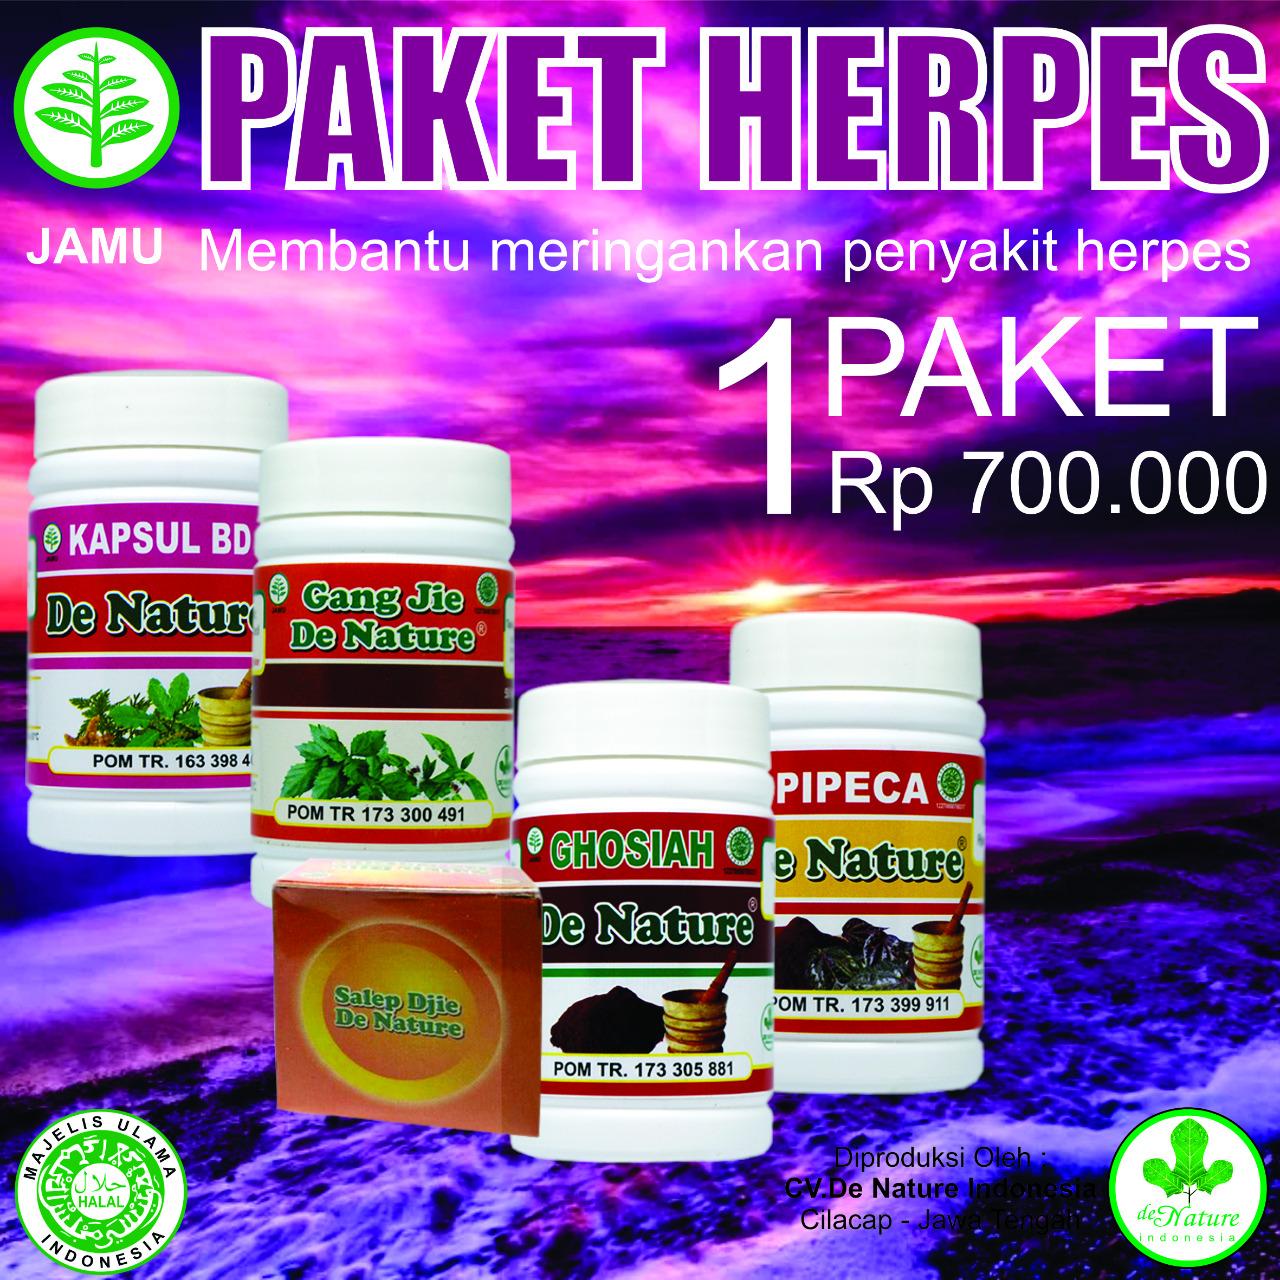 Paket Herpes